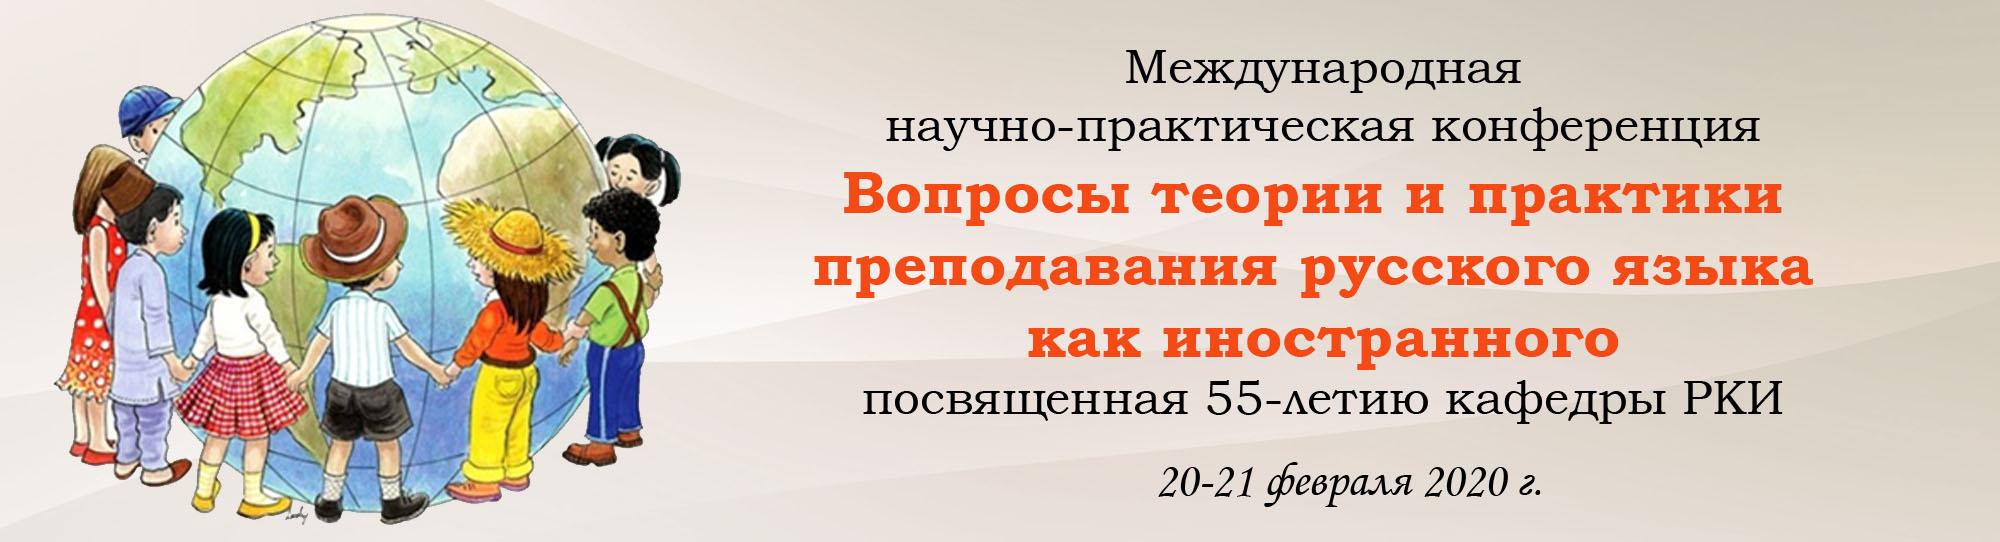 Banner-RKI